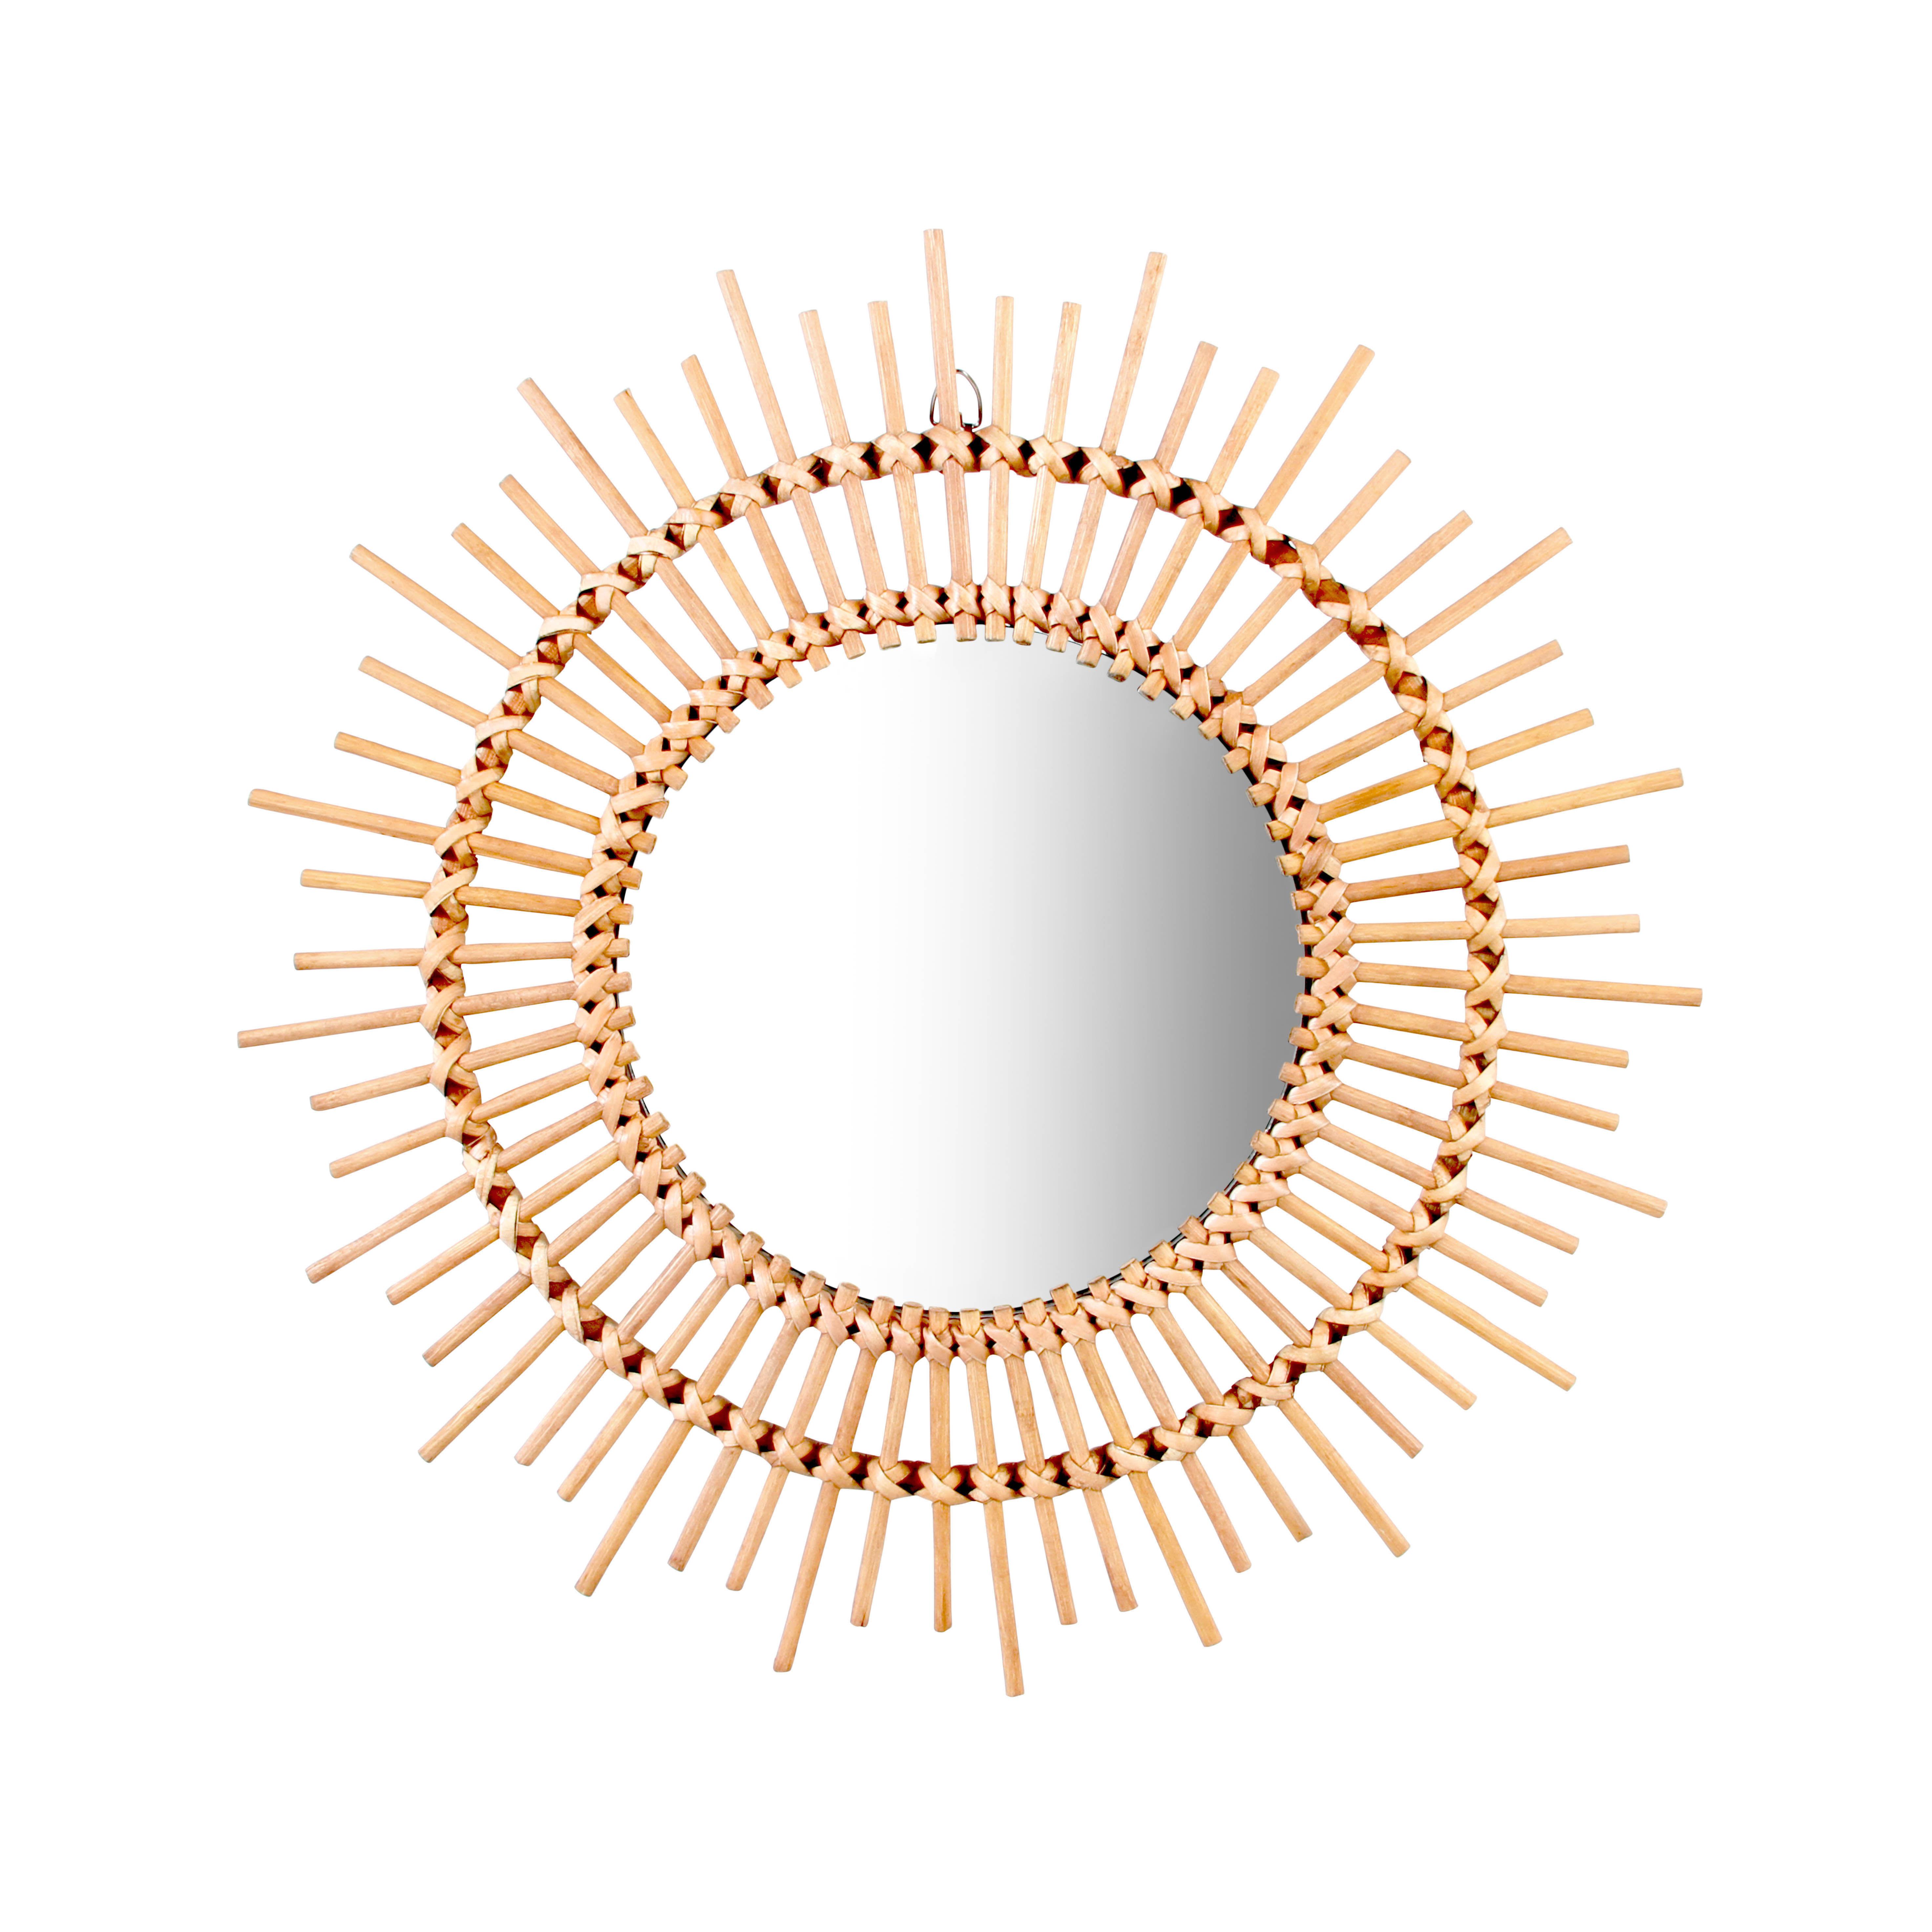 Interni - Specchi - Specchio Bamboo Round / Rattan - Ø 43 cm - & klevering - Rotondo / Naturale - Midollino, Vetro